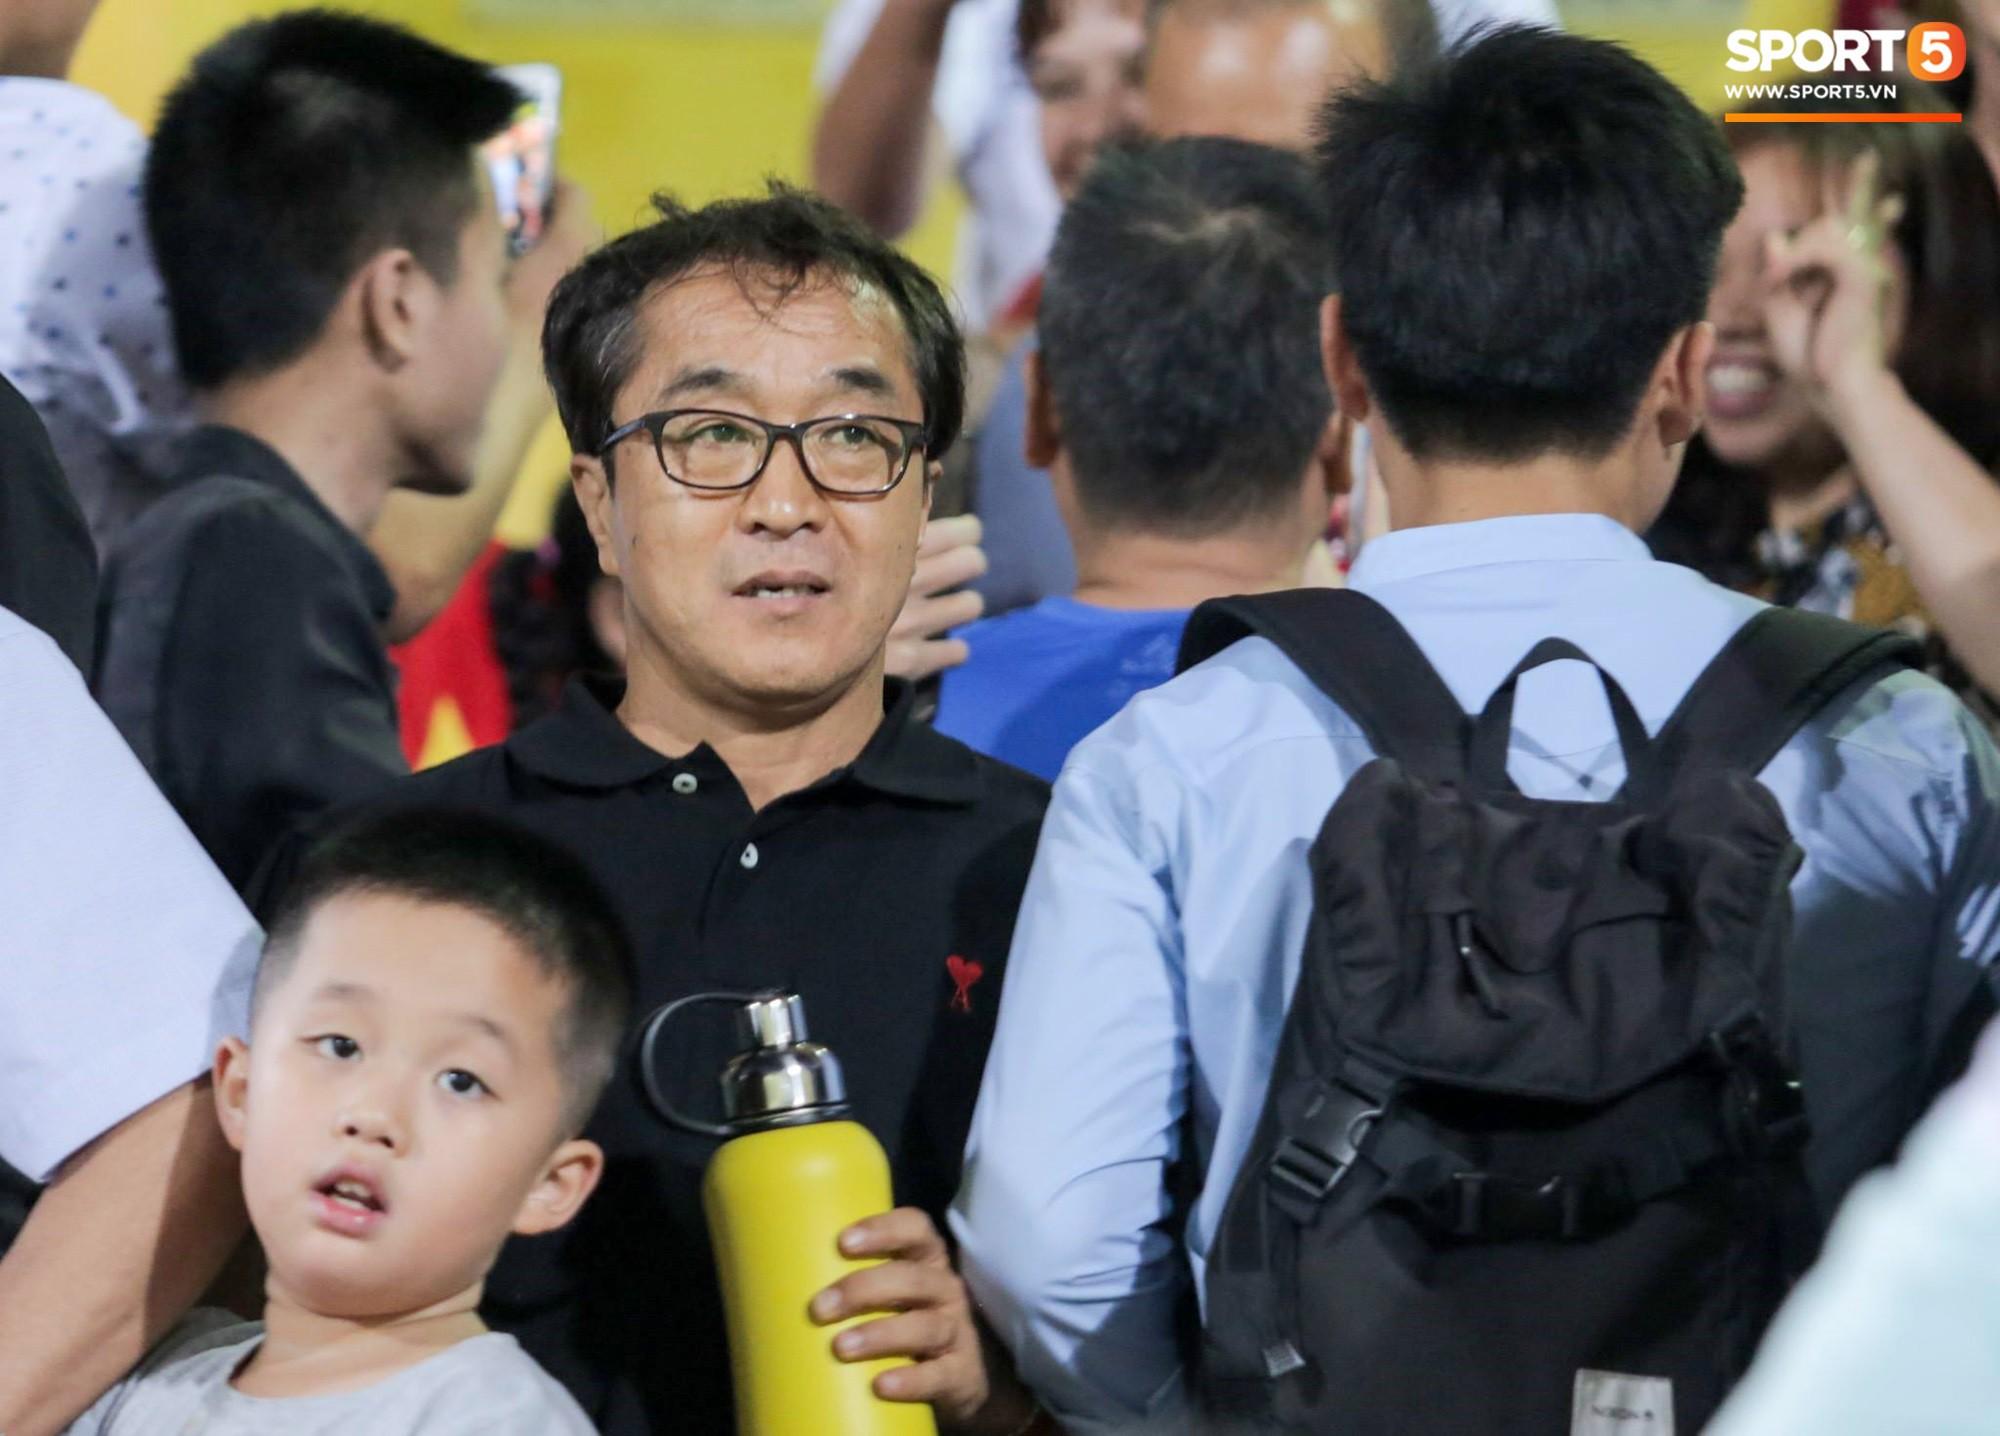 HLV Park Hang Seo xuống sân chúc mừng trò cưng Quang Hải sau màn trình diễn tuyệt vời-5